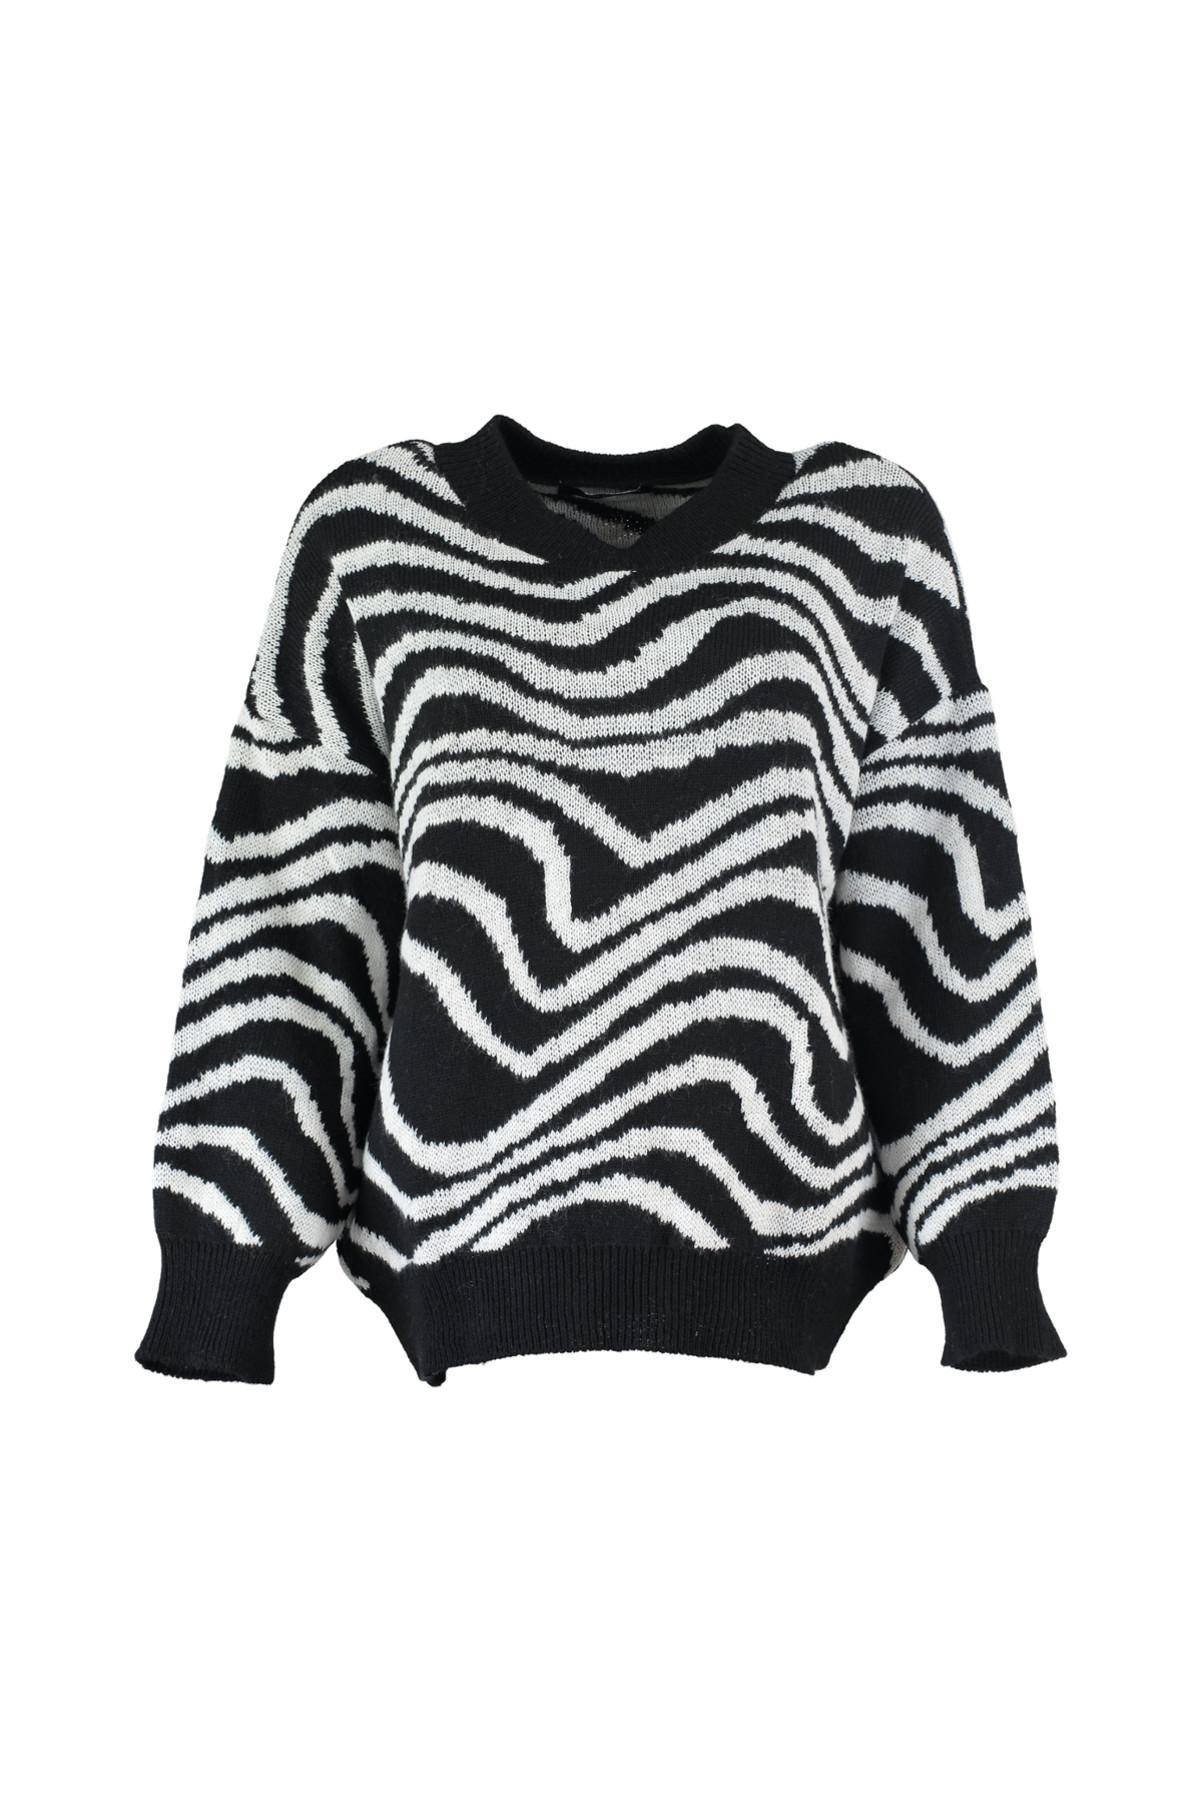 Trendyol WOMEN-Black Pattern Knitwear Sweater TWOAW20FH0009